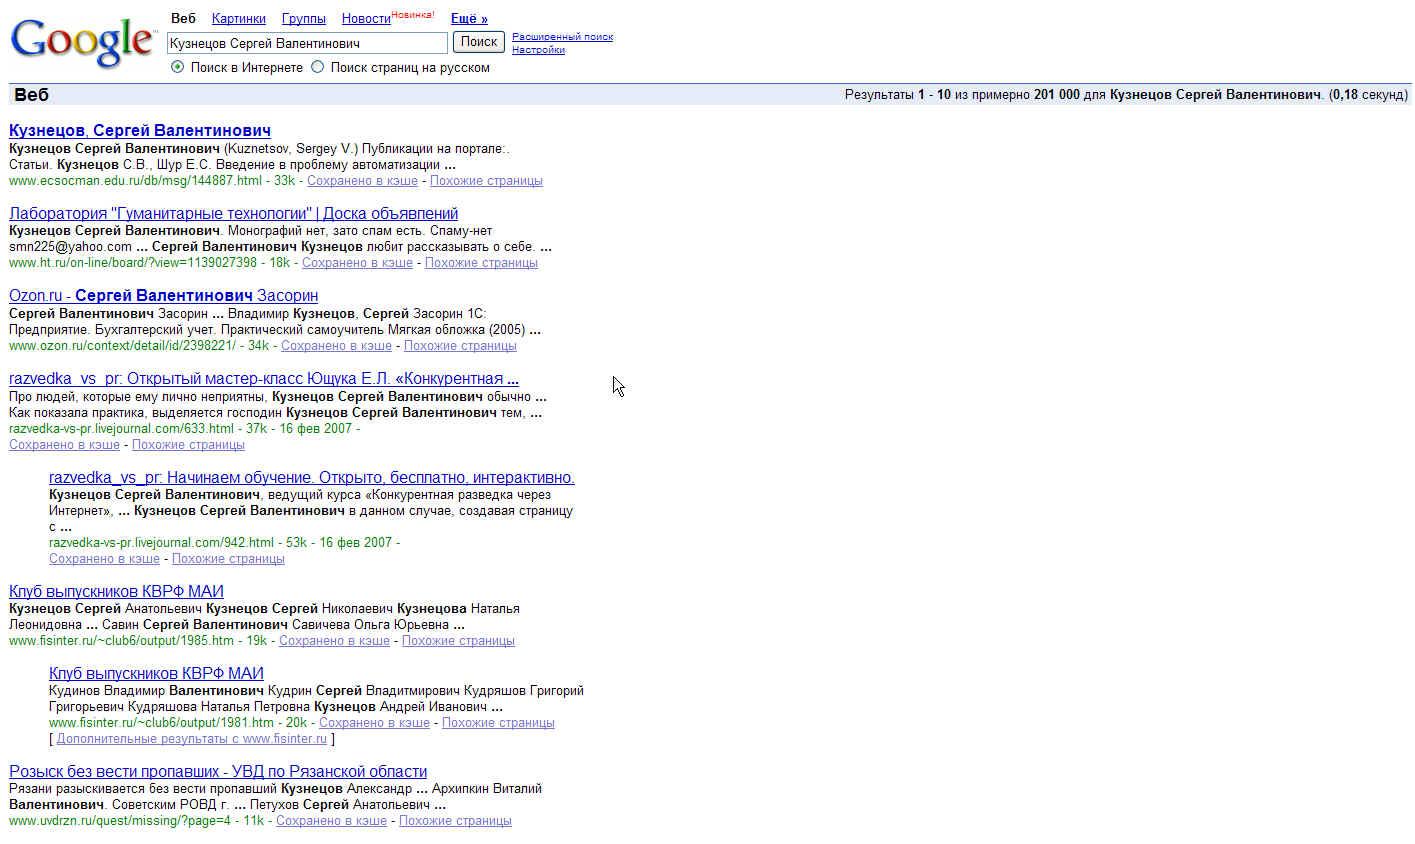 Кузнецов в Гугле 16.02.07